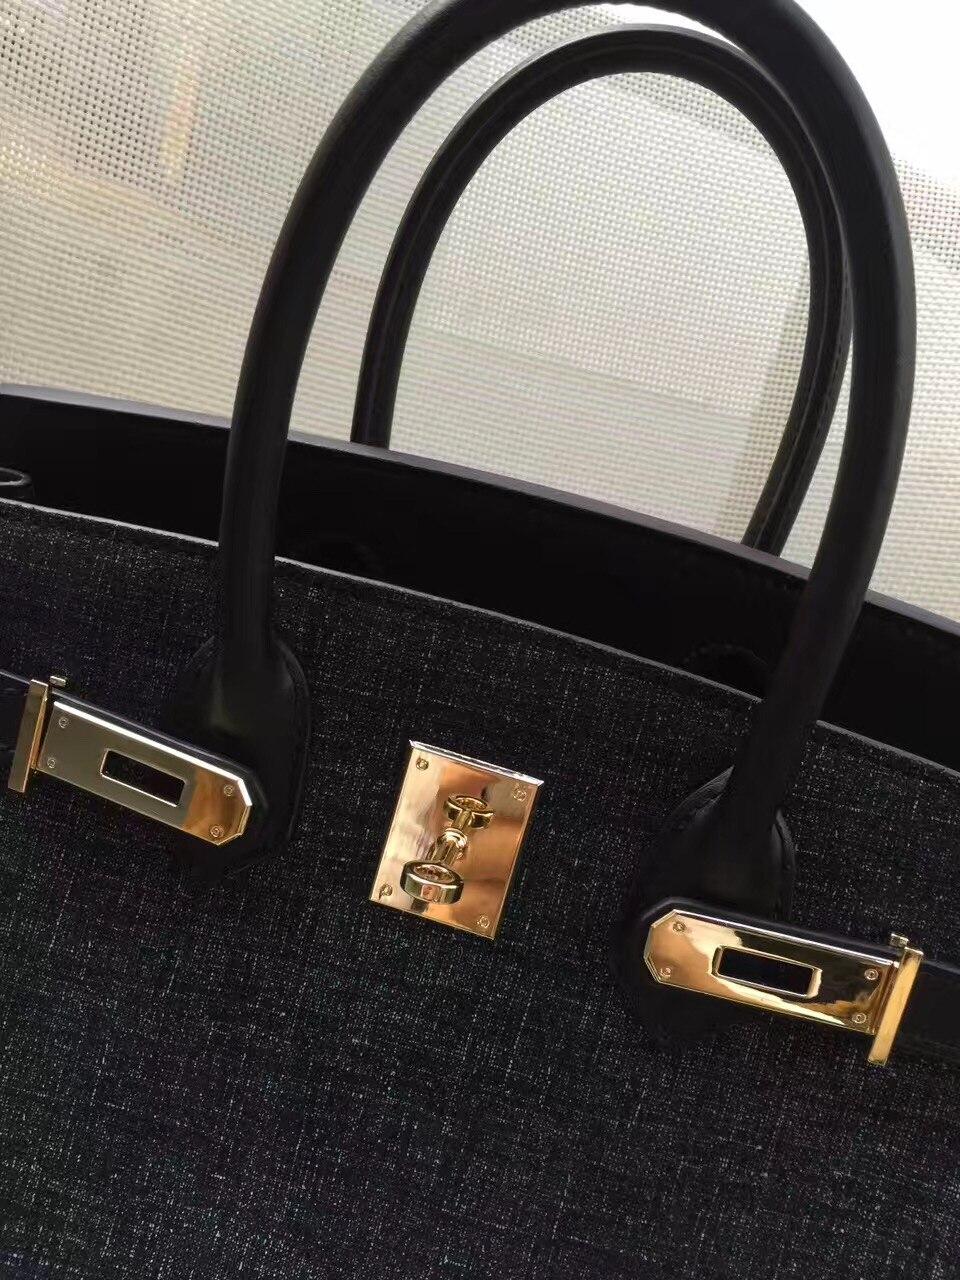 2017 ძვირადღირებული suede Handbag - ჩანთები - ფოტო 5